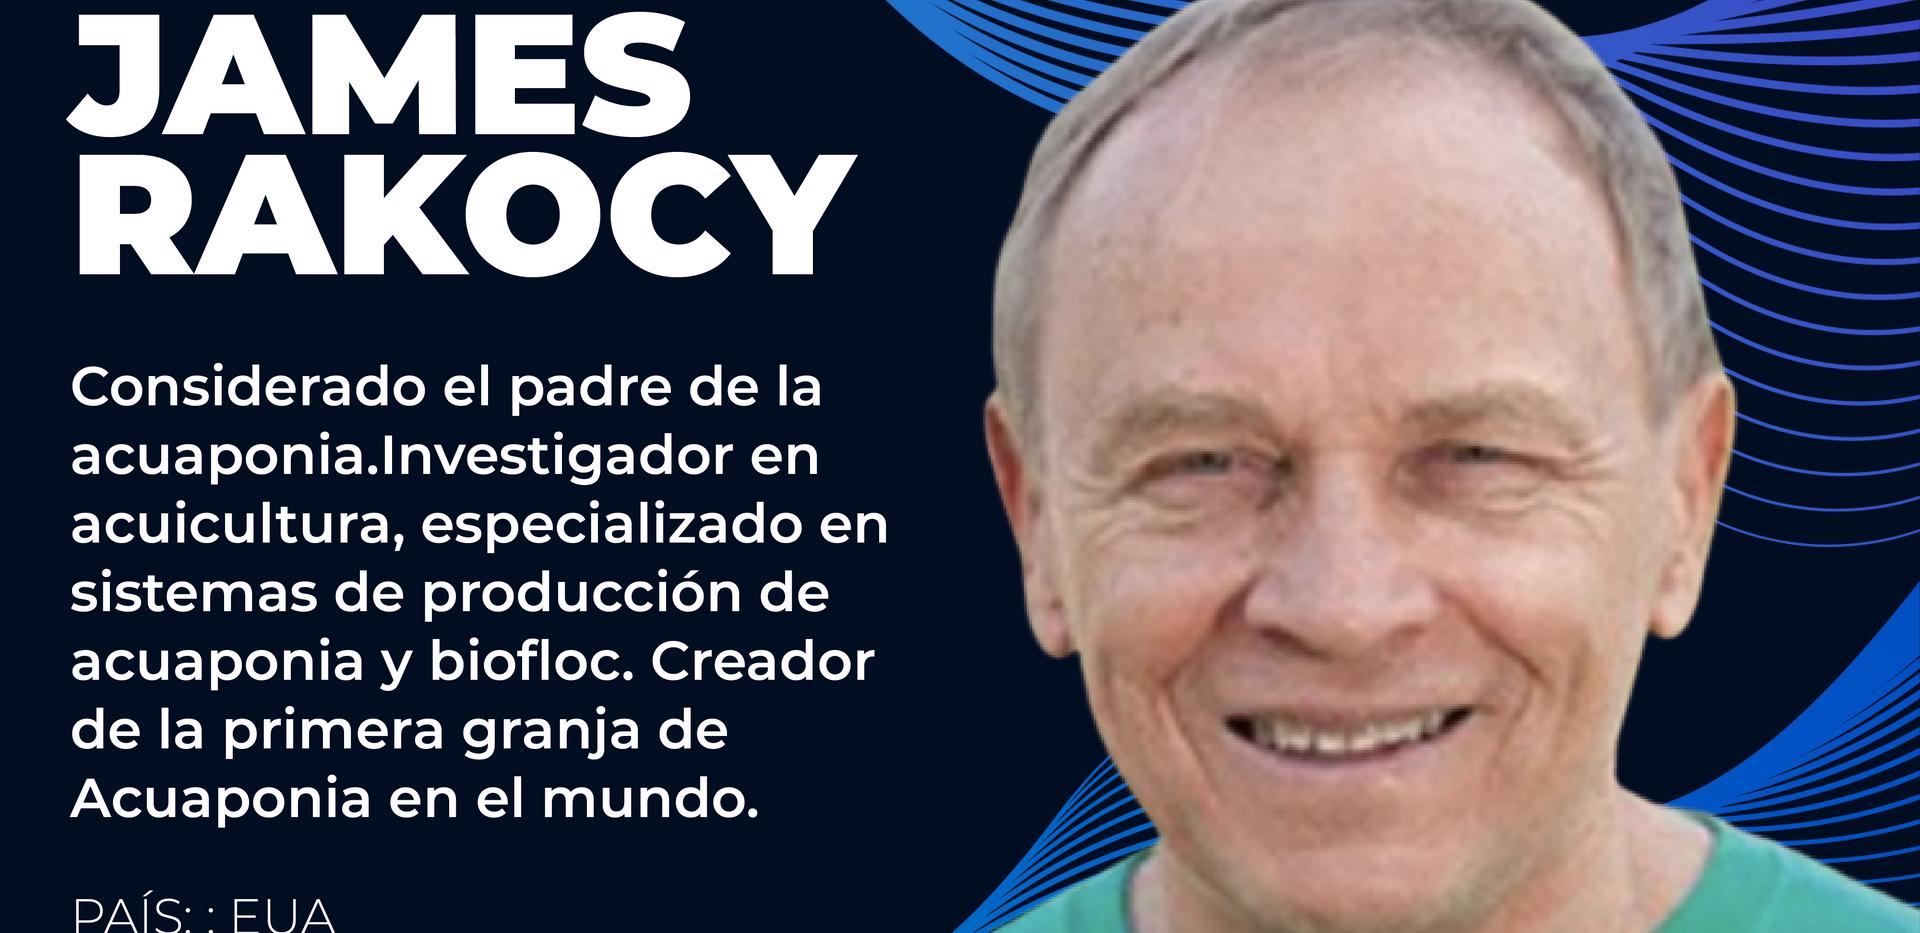 JAMES RAKOCY ESP.png